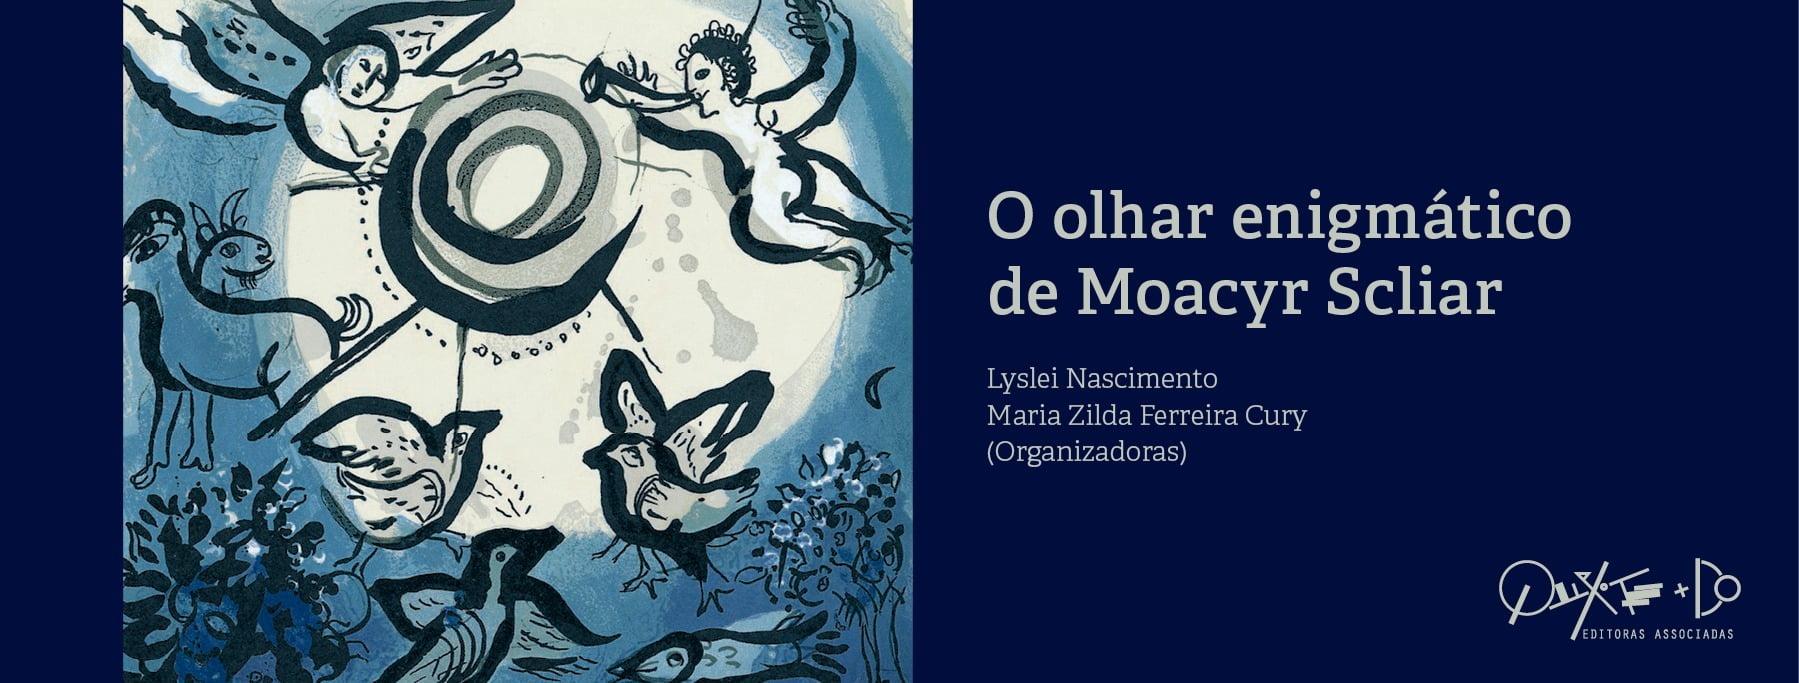 o_olhar_enigmatico_de_moacyr_scliar